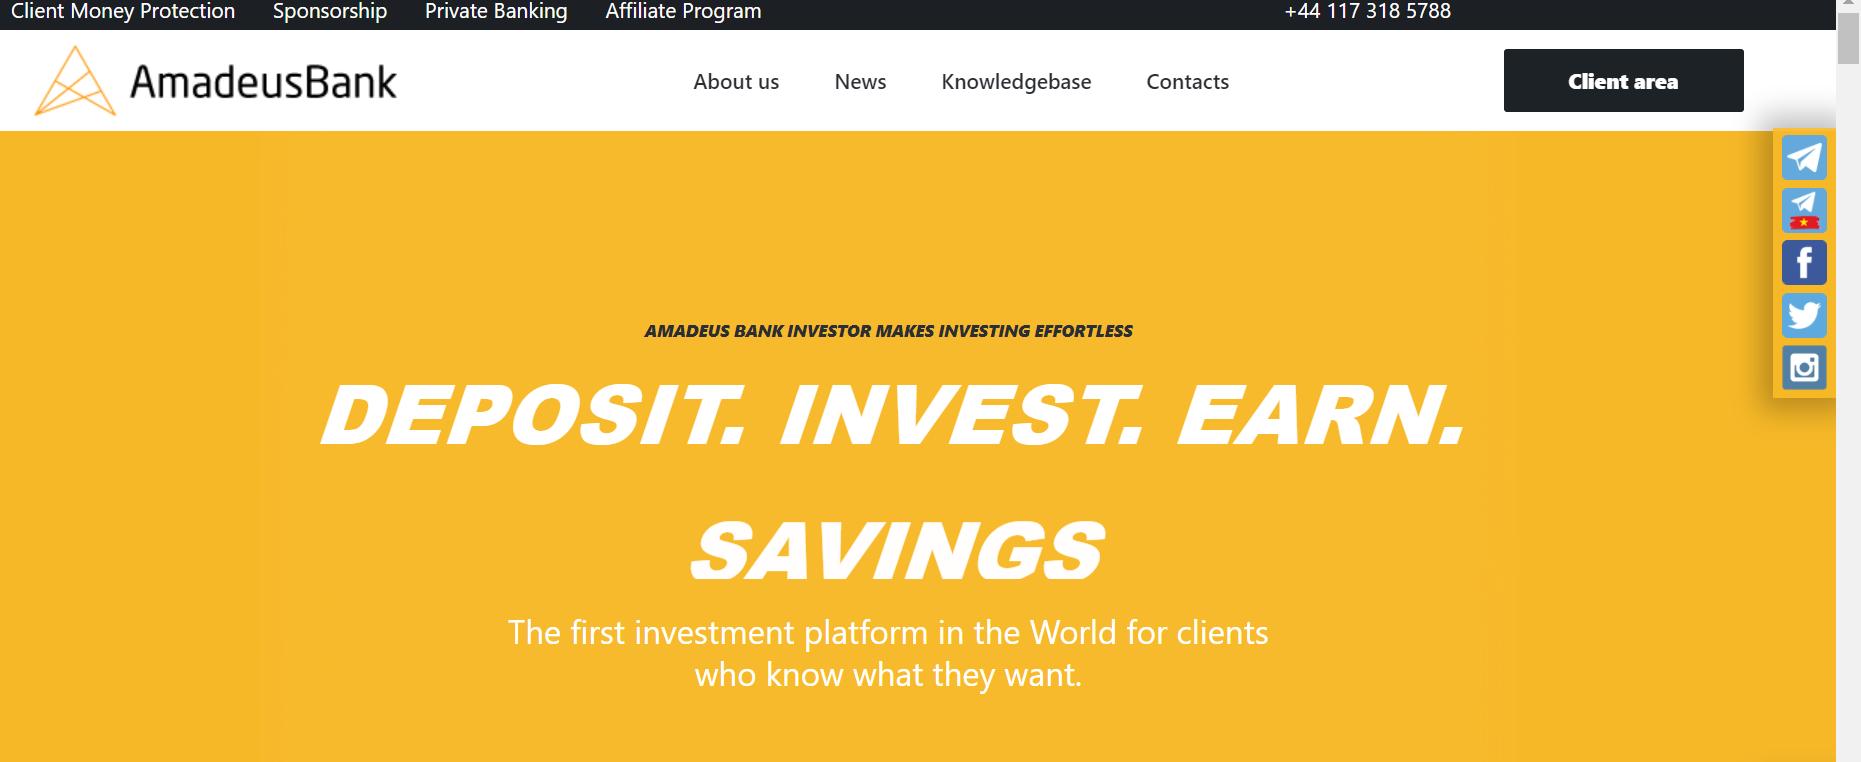 amadeusbank.com reviews